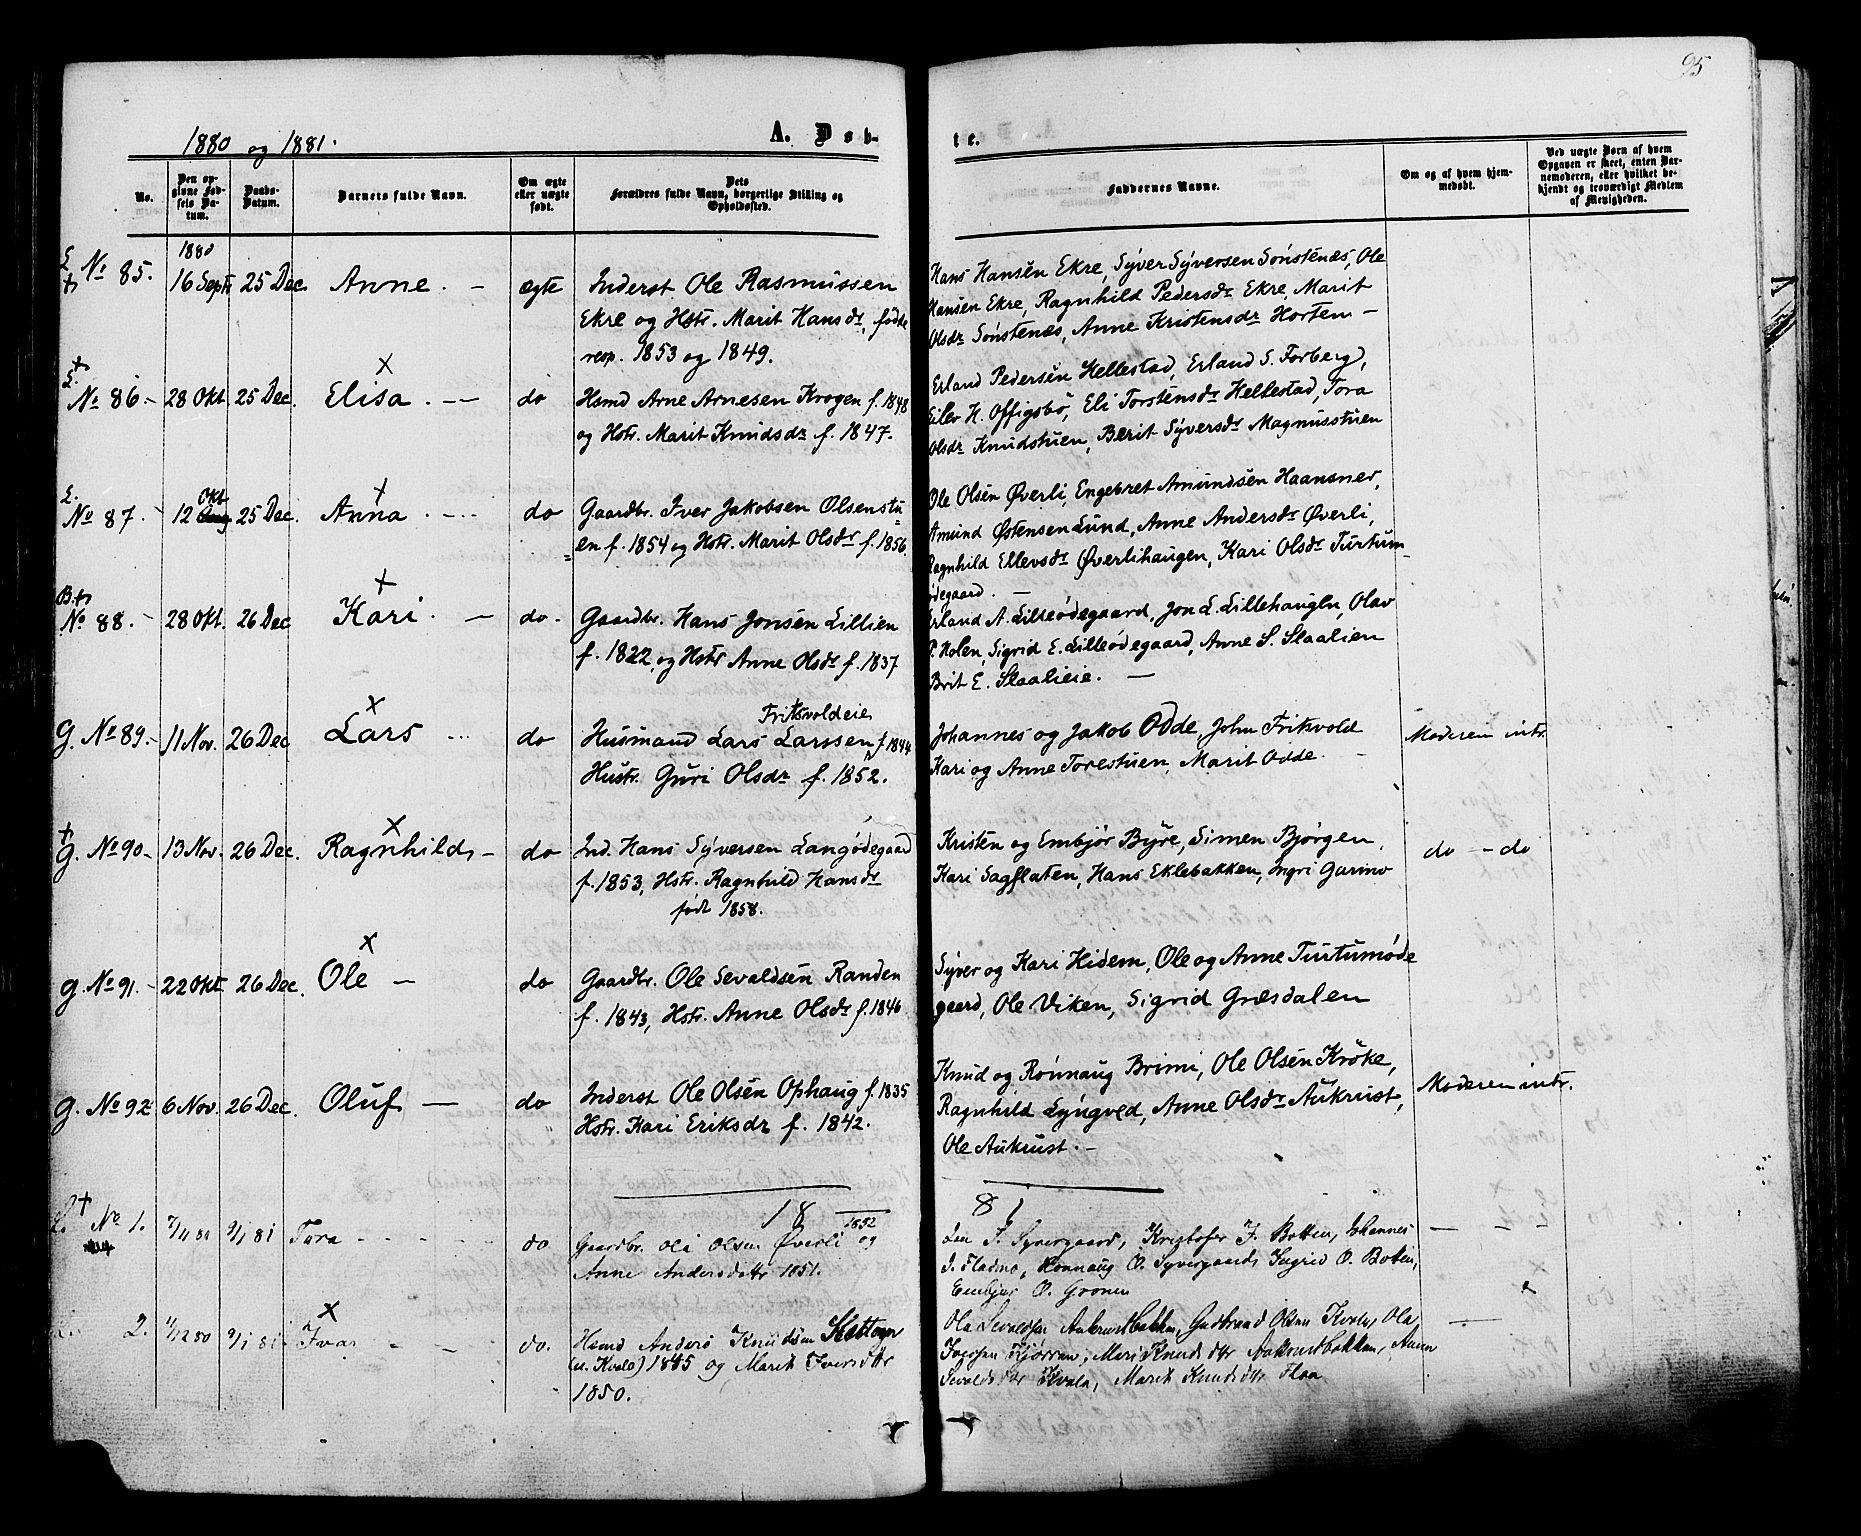 SAH, Lom prestekontor, K/L0007: Ministerialbok nr. 7, 1863-1884, s. 95